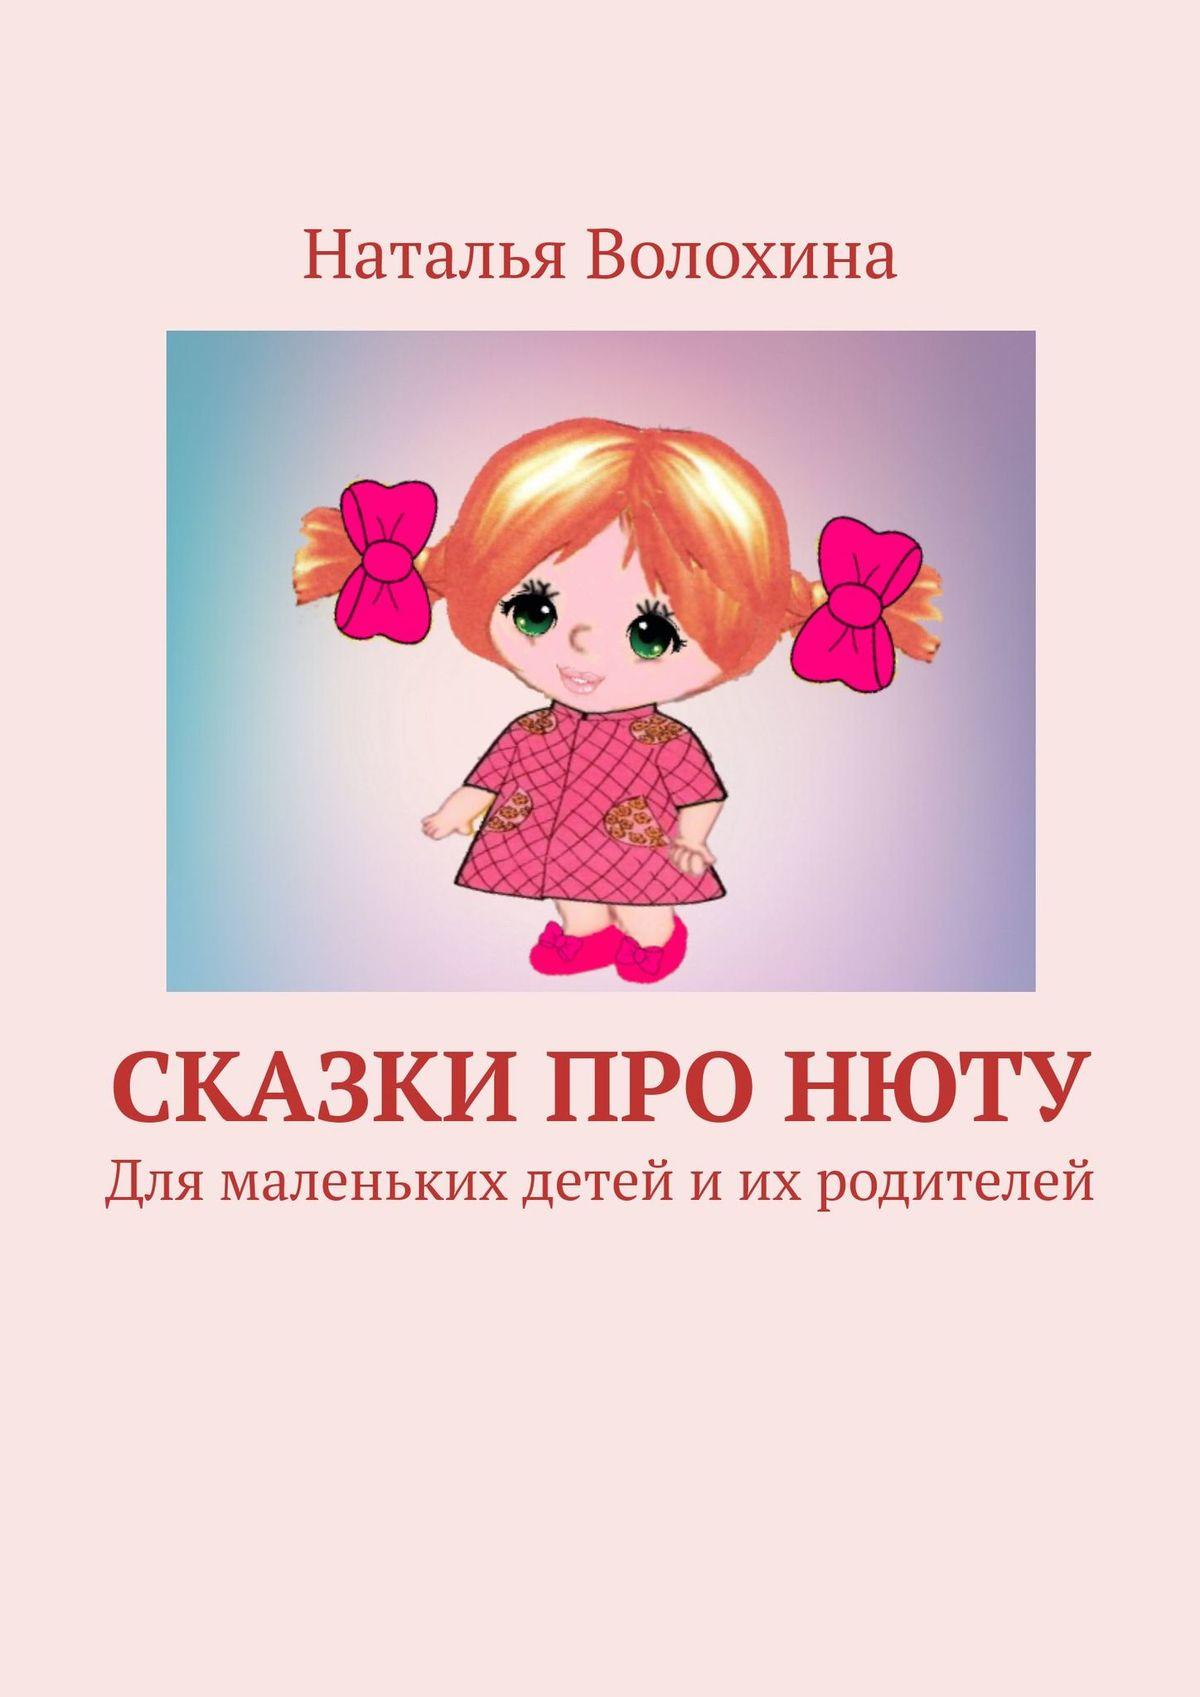 Наталья Волохина Сказки проНюту. Для маленьких детей иих родителей журнал насекомые и их знакомые 80